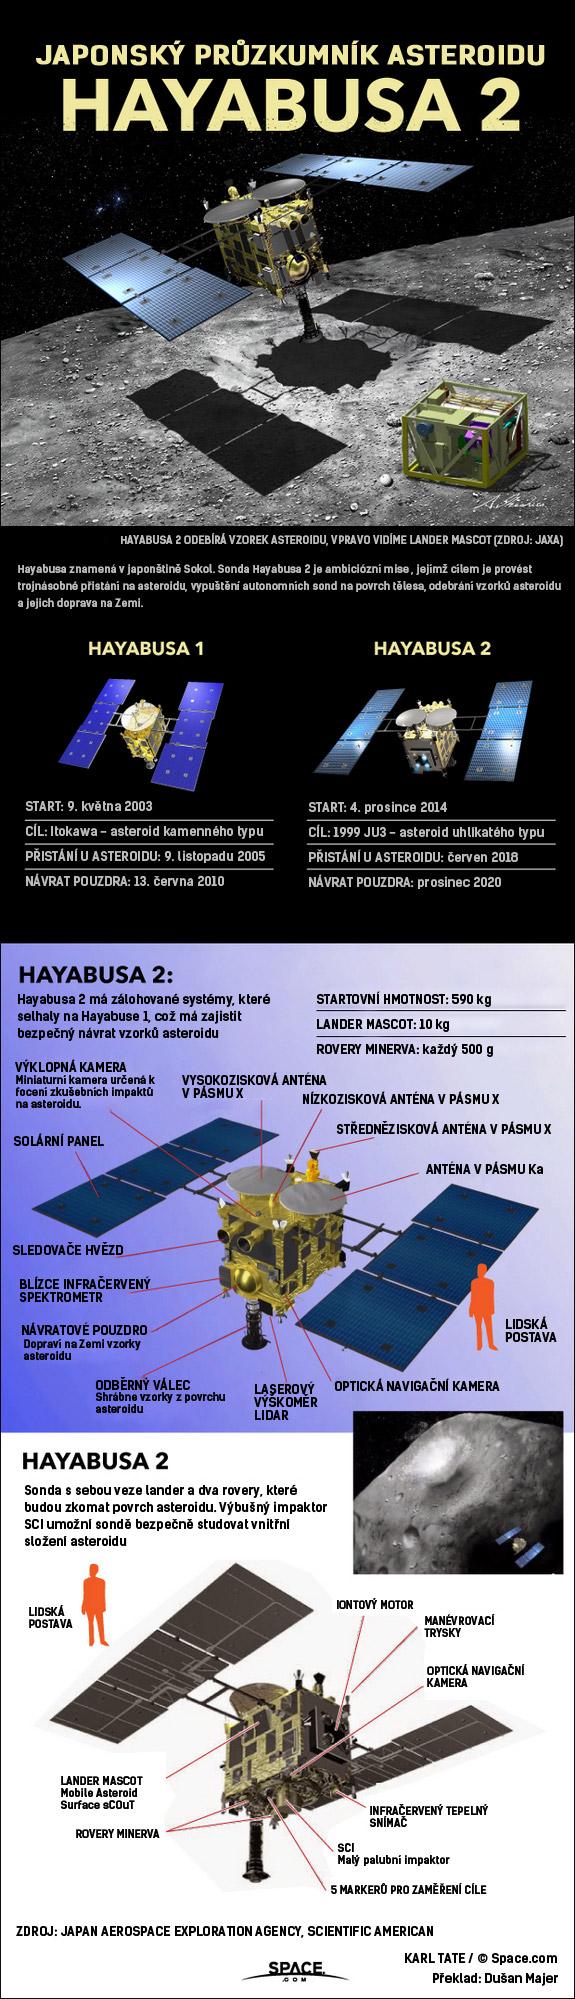 Detaily o japonské sondě Hayabusa-2